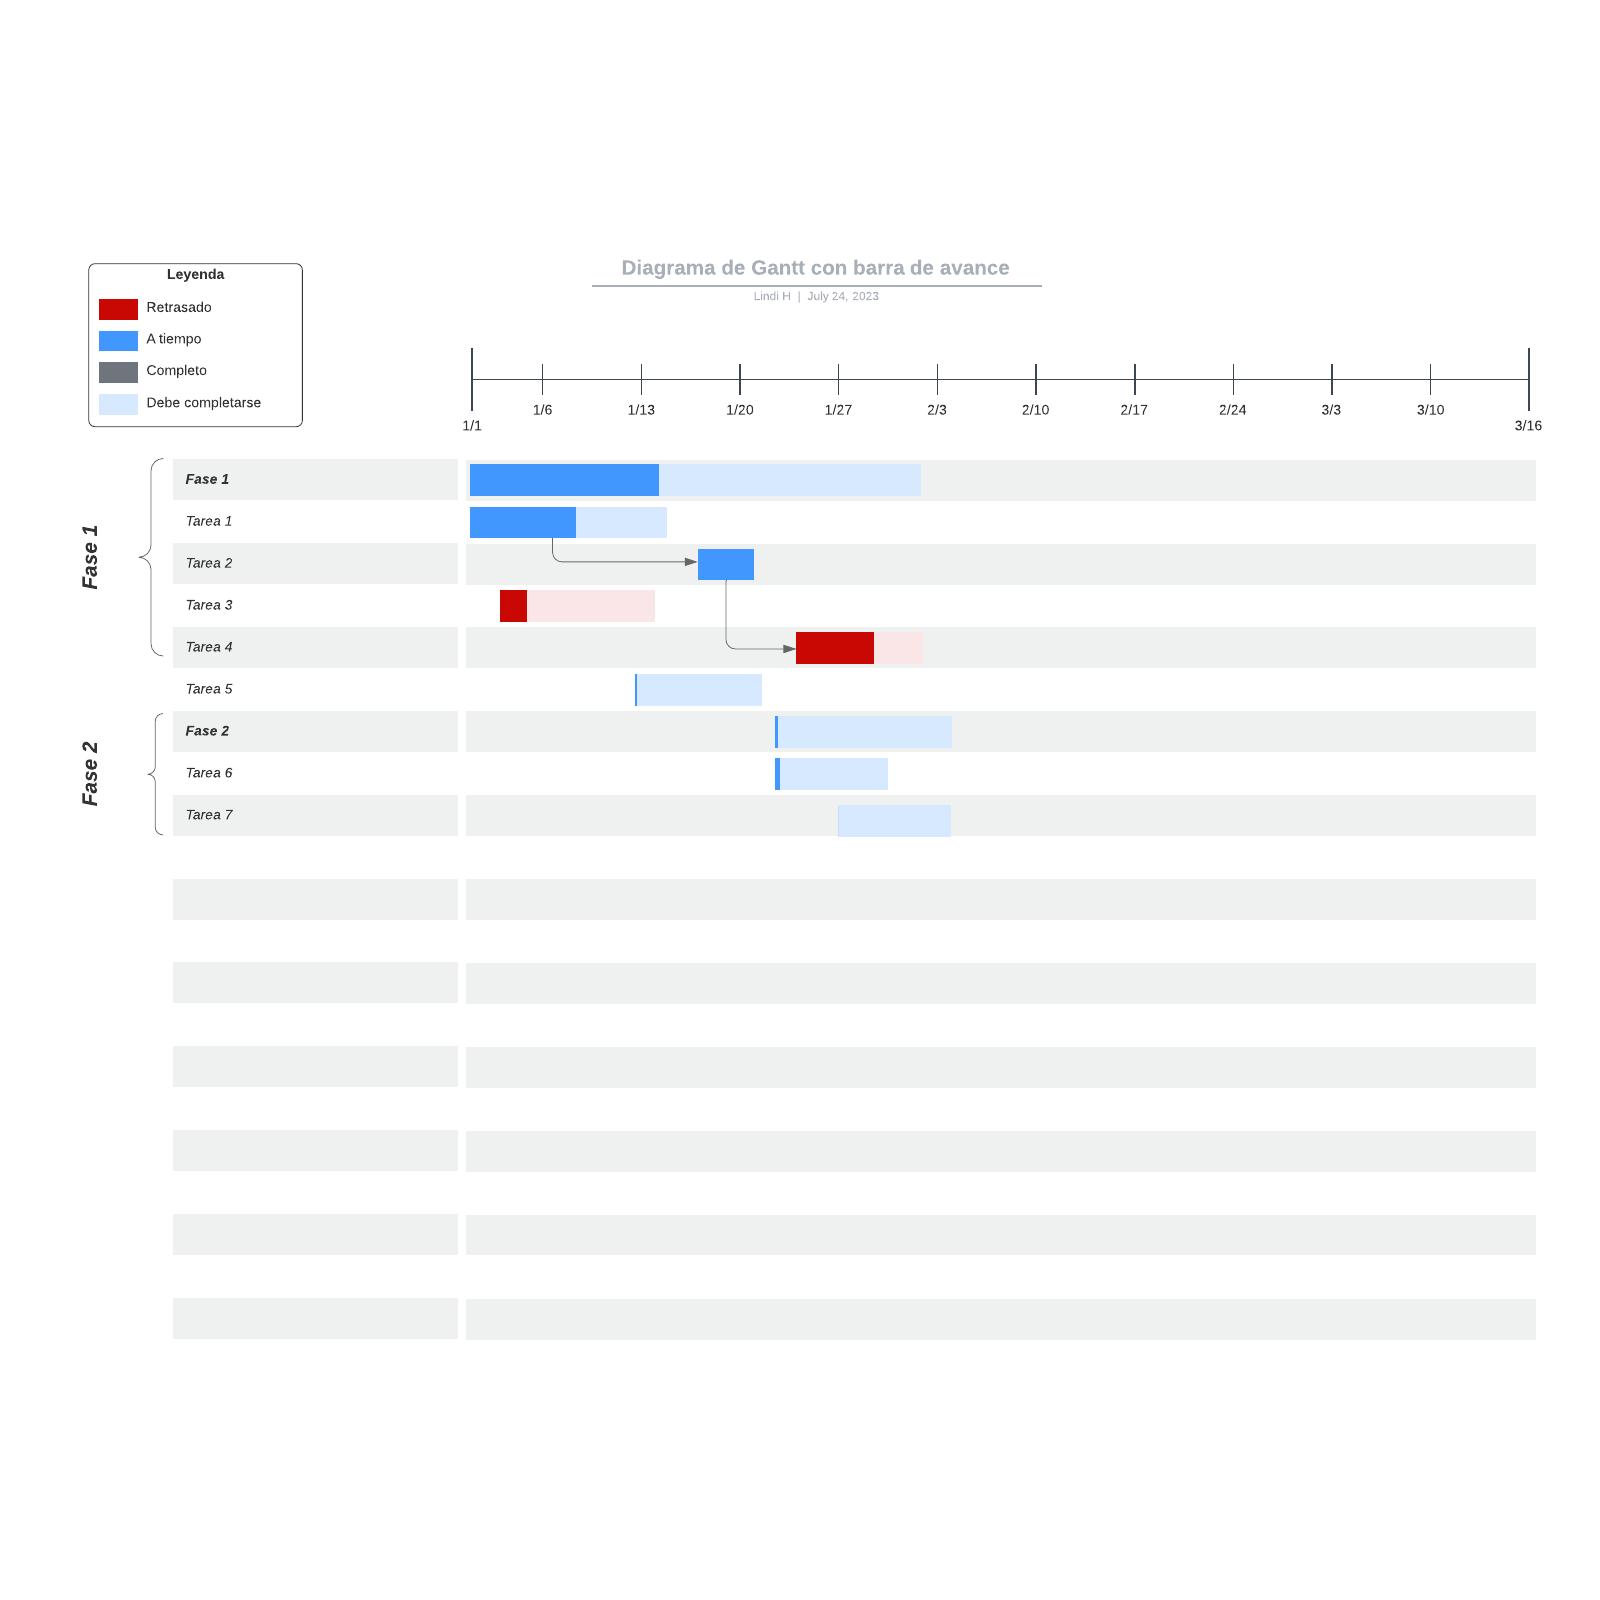 Diagrama de Gantt con barra de avance